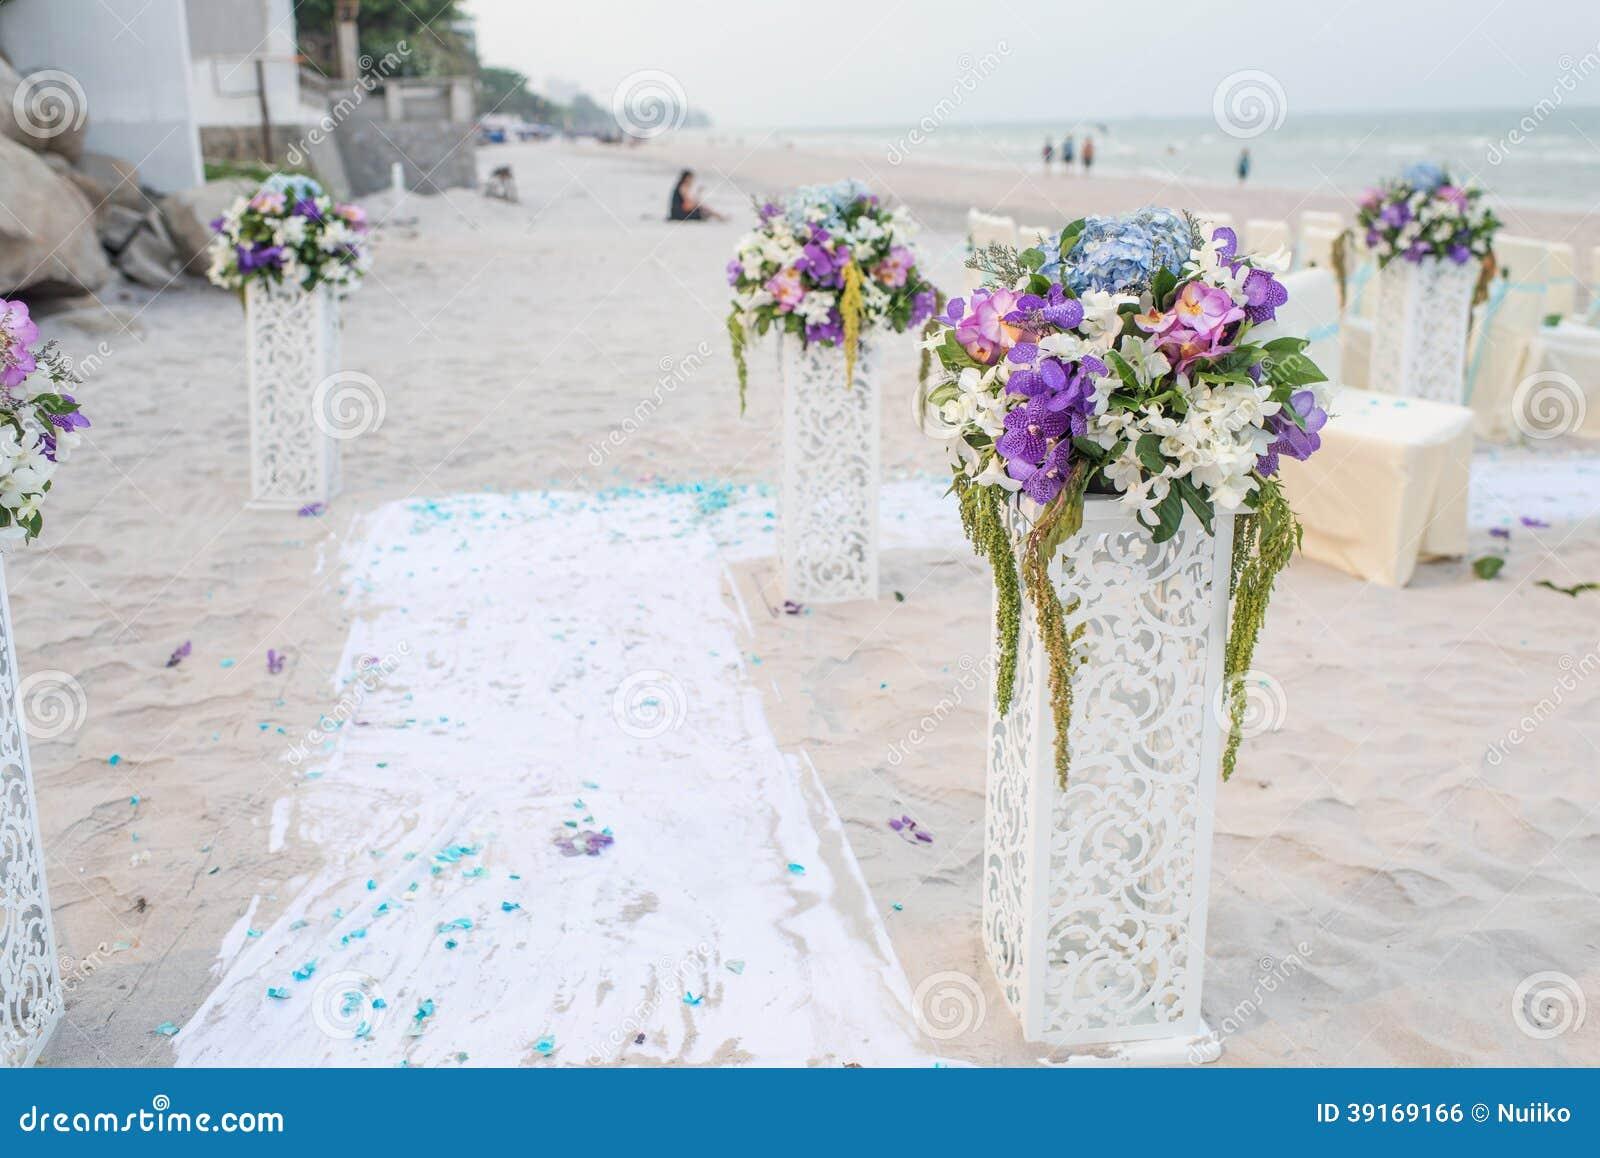 Dekoration Von Hochzeitsblumen Stockfoto Bild Von Bundel Leafs